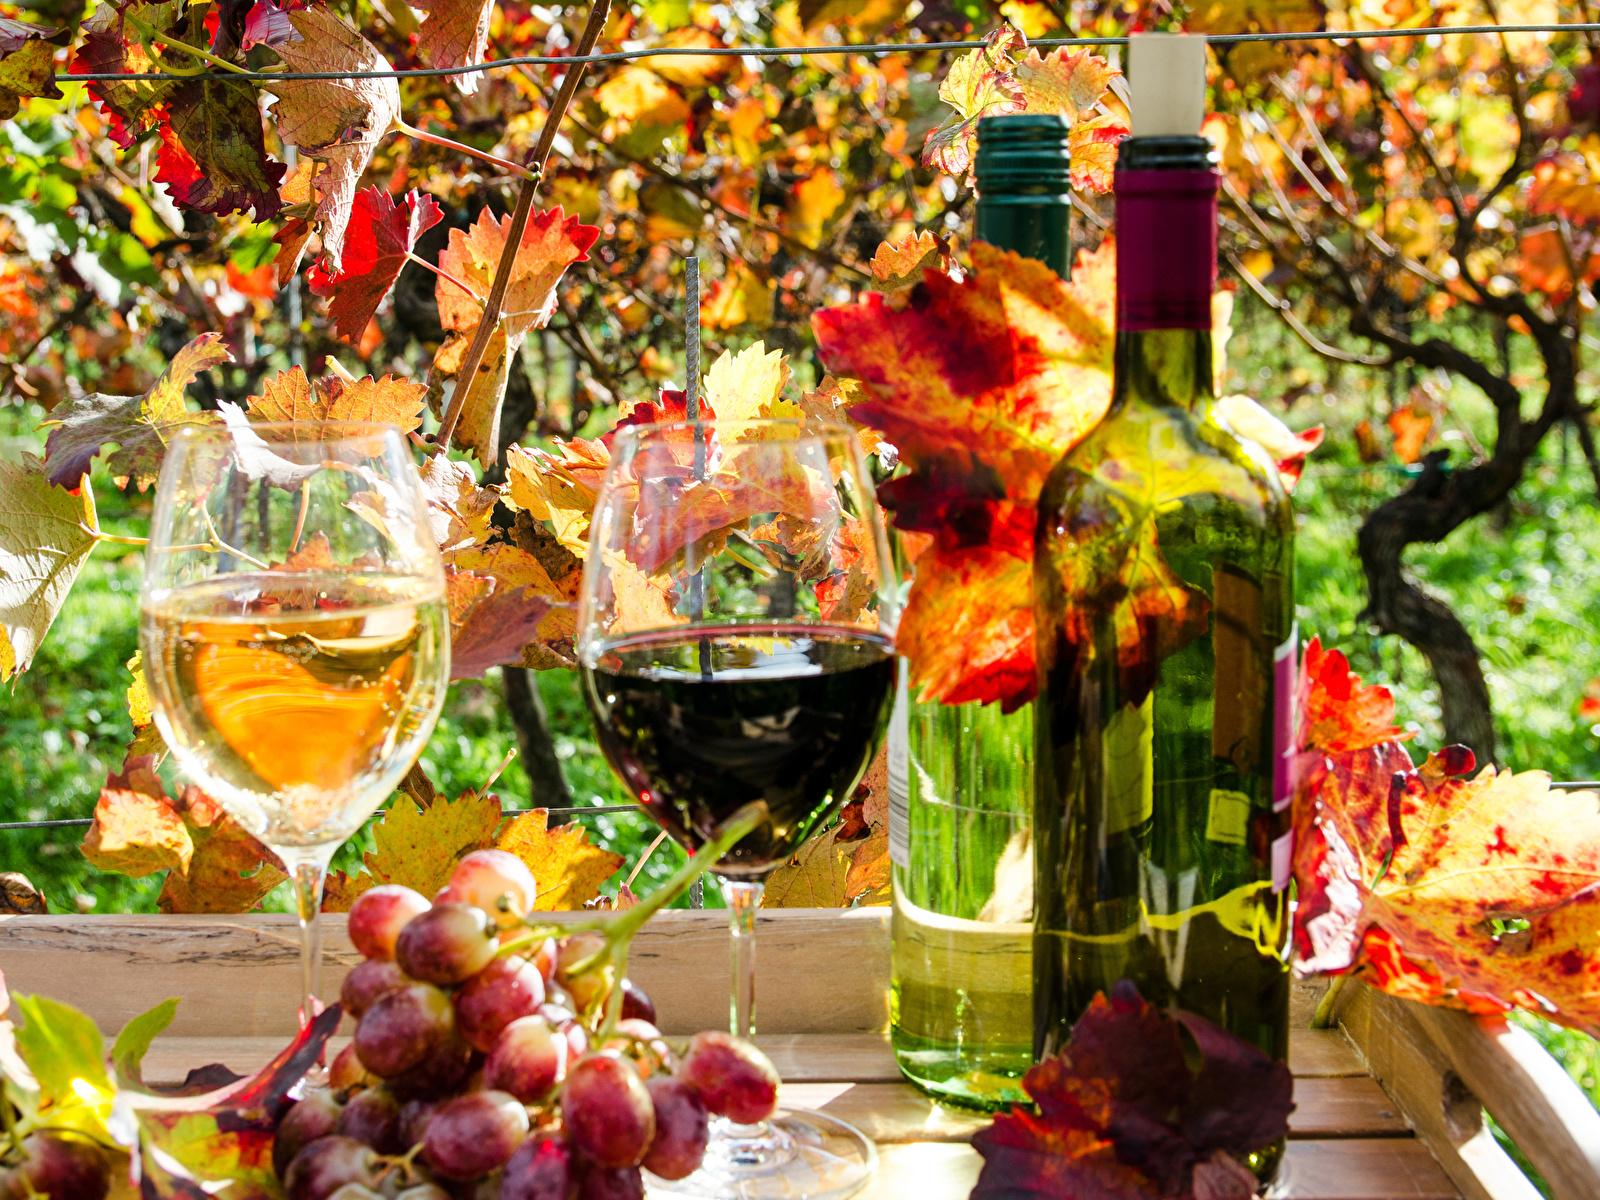 Обои для рабочего стола Листья Вино Осень Виноград Бокалы Бутылка Продукты питания 1600x1200 лист Листва осенние Еда Пища бокал бутылки